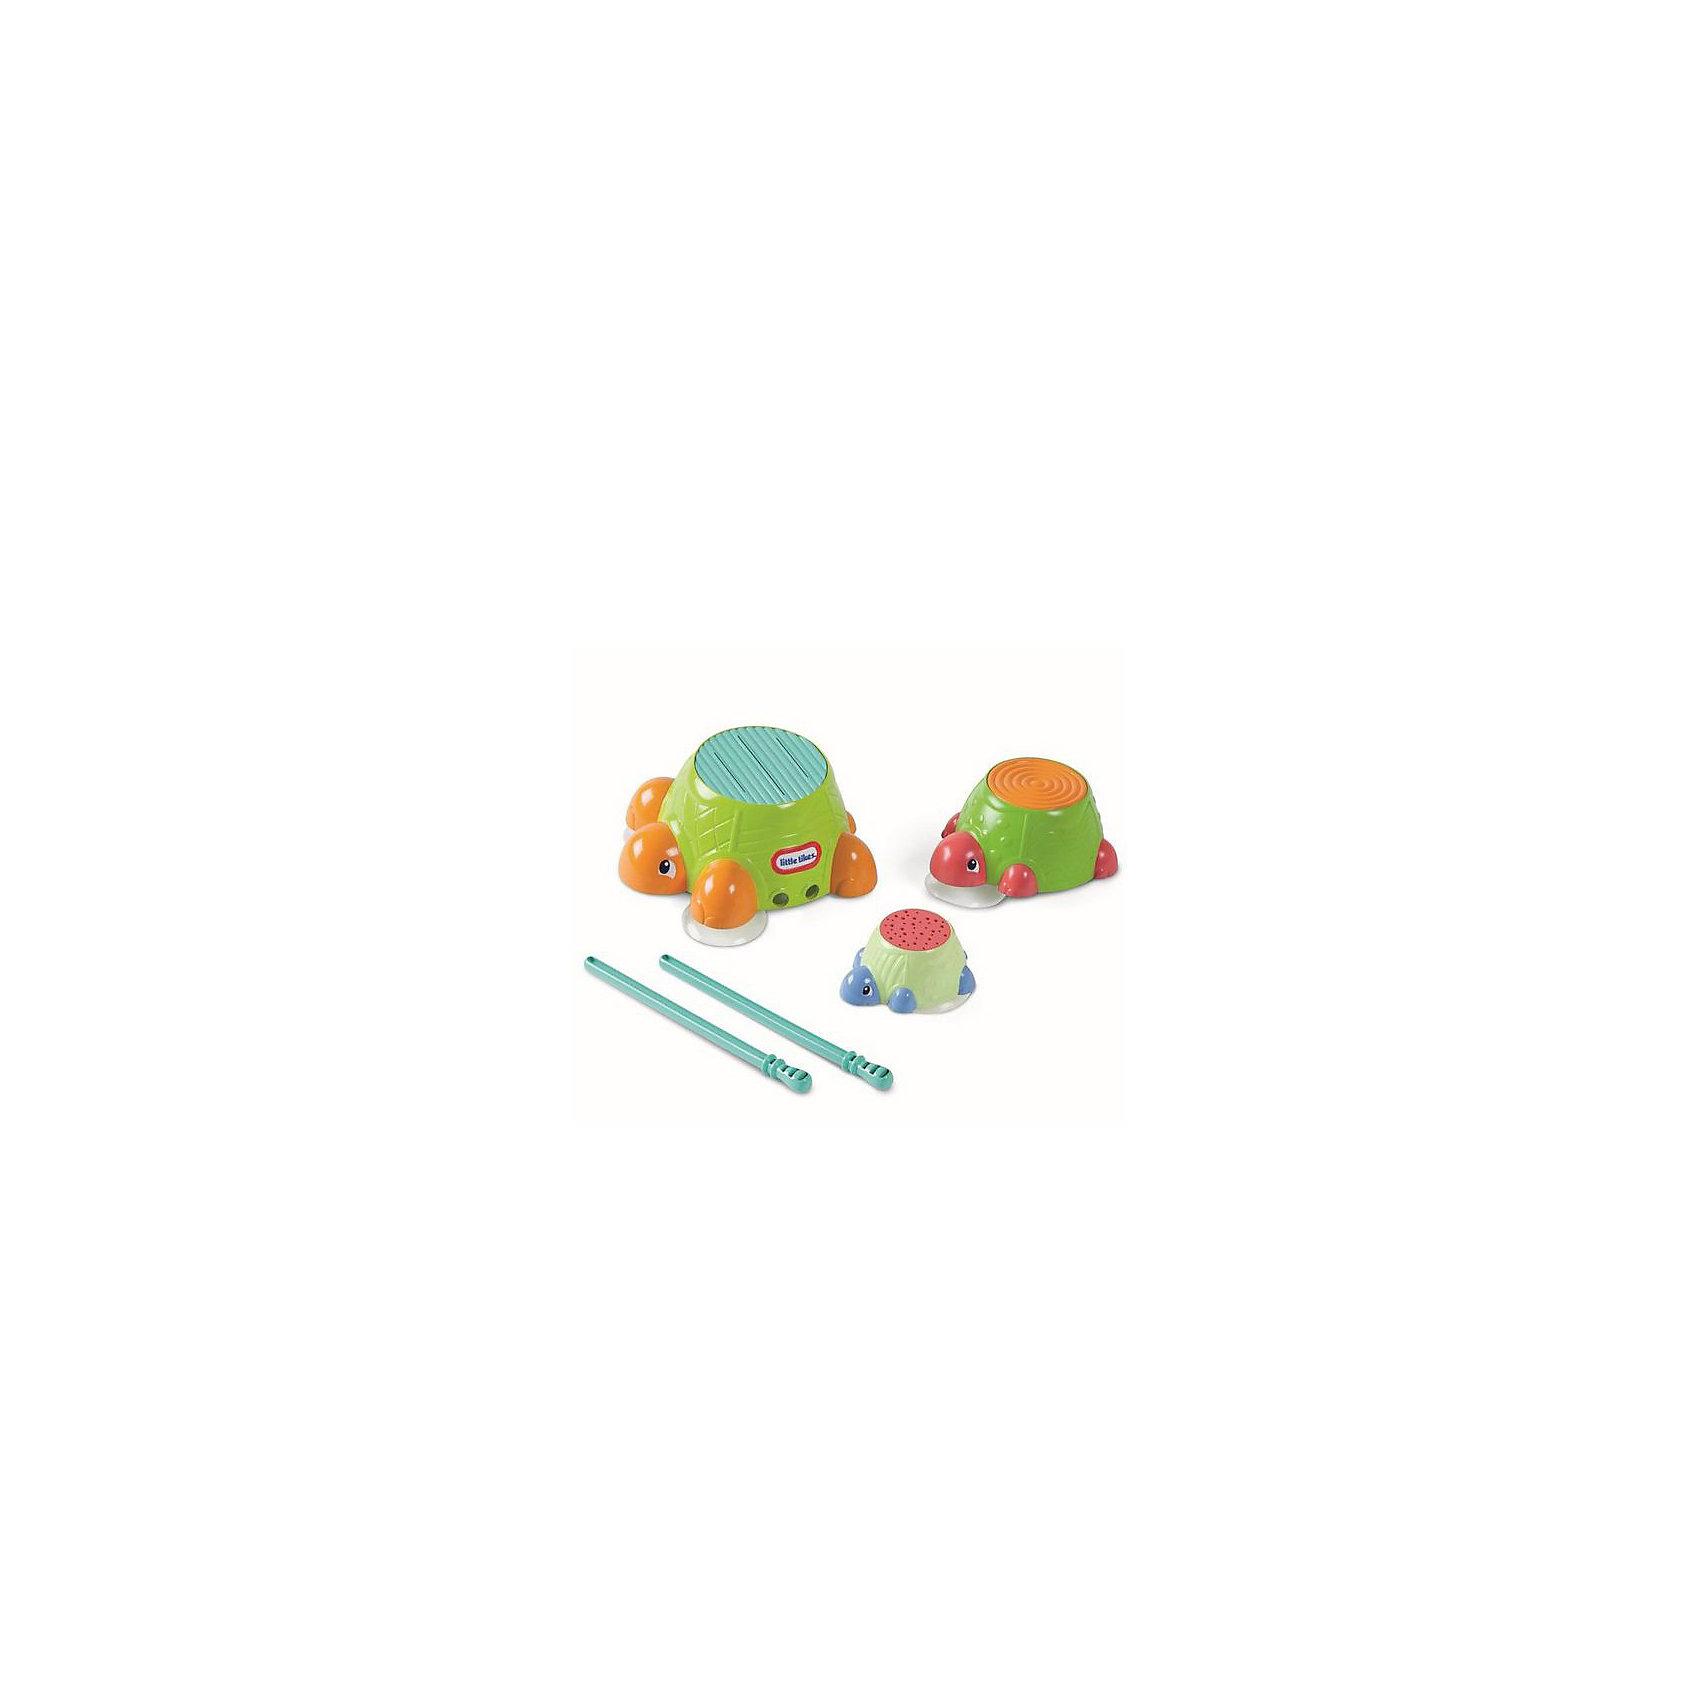 Игрушка для ванной  Черепашки-барабаны Little TikesИгровые наборы<br>Игрушка для ванны  Черепашки-барабаны Little Tikes (Литл Тайкс)— это черепашки, по поверхности которых можно громко барабанить! У черепашек рифленые панцири, так что палочками можно не только барабанить по черепашке, но и издавать разные забавные звуки. Черепашки плавают на поверхности воды или могут быть прикреплены к стене. Вкладываются друг в друга. Барабанные палочки можно хранить в животе черепахи.<br><br>Черепашки-барабаны Little Tikes станут прекрасным развлечением для самых маленьких детей!<br><br>Дополнительная информация:<br><br>- В комплекте: 3 черепахи, барабанные палочки 2 шт.<br>- Материал: пластик<br>- Питание: батарейки не требуются.<br>- Размеры: (Д)9 Х (Ш)20,5 Х (В)32,5 см  <br>- Вес: 393 г<br><br>Игрушку для ванны  Черепашки-барабаны Little Tikes можно купить в нашем интернет-магазине.<br><br>Ширина мм: 90<br>Глубина мм: 205<br>Высота мм: 325<br>Вес г: 393<br>Возраст от месяцев: 36<br>Возраст до месяцев: 96<br>Пол: Унисекс<br>Возраст: Детский<br>SKU: 3328148